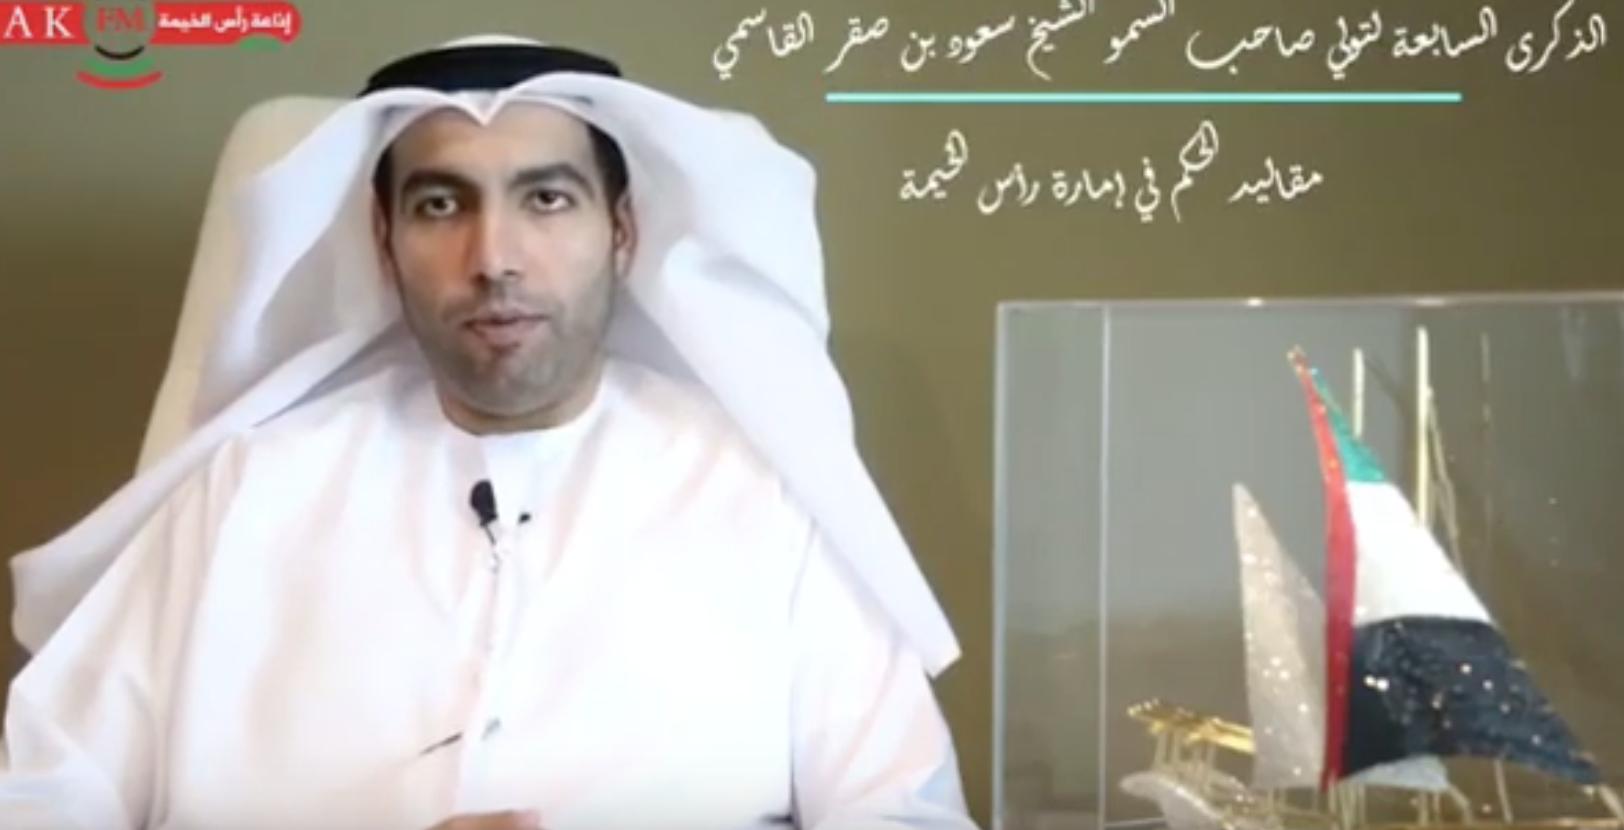 كلمة المهندس أحمد بن سعيد الصياح